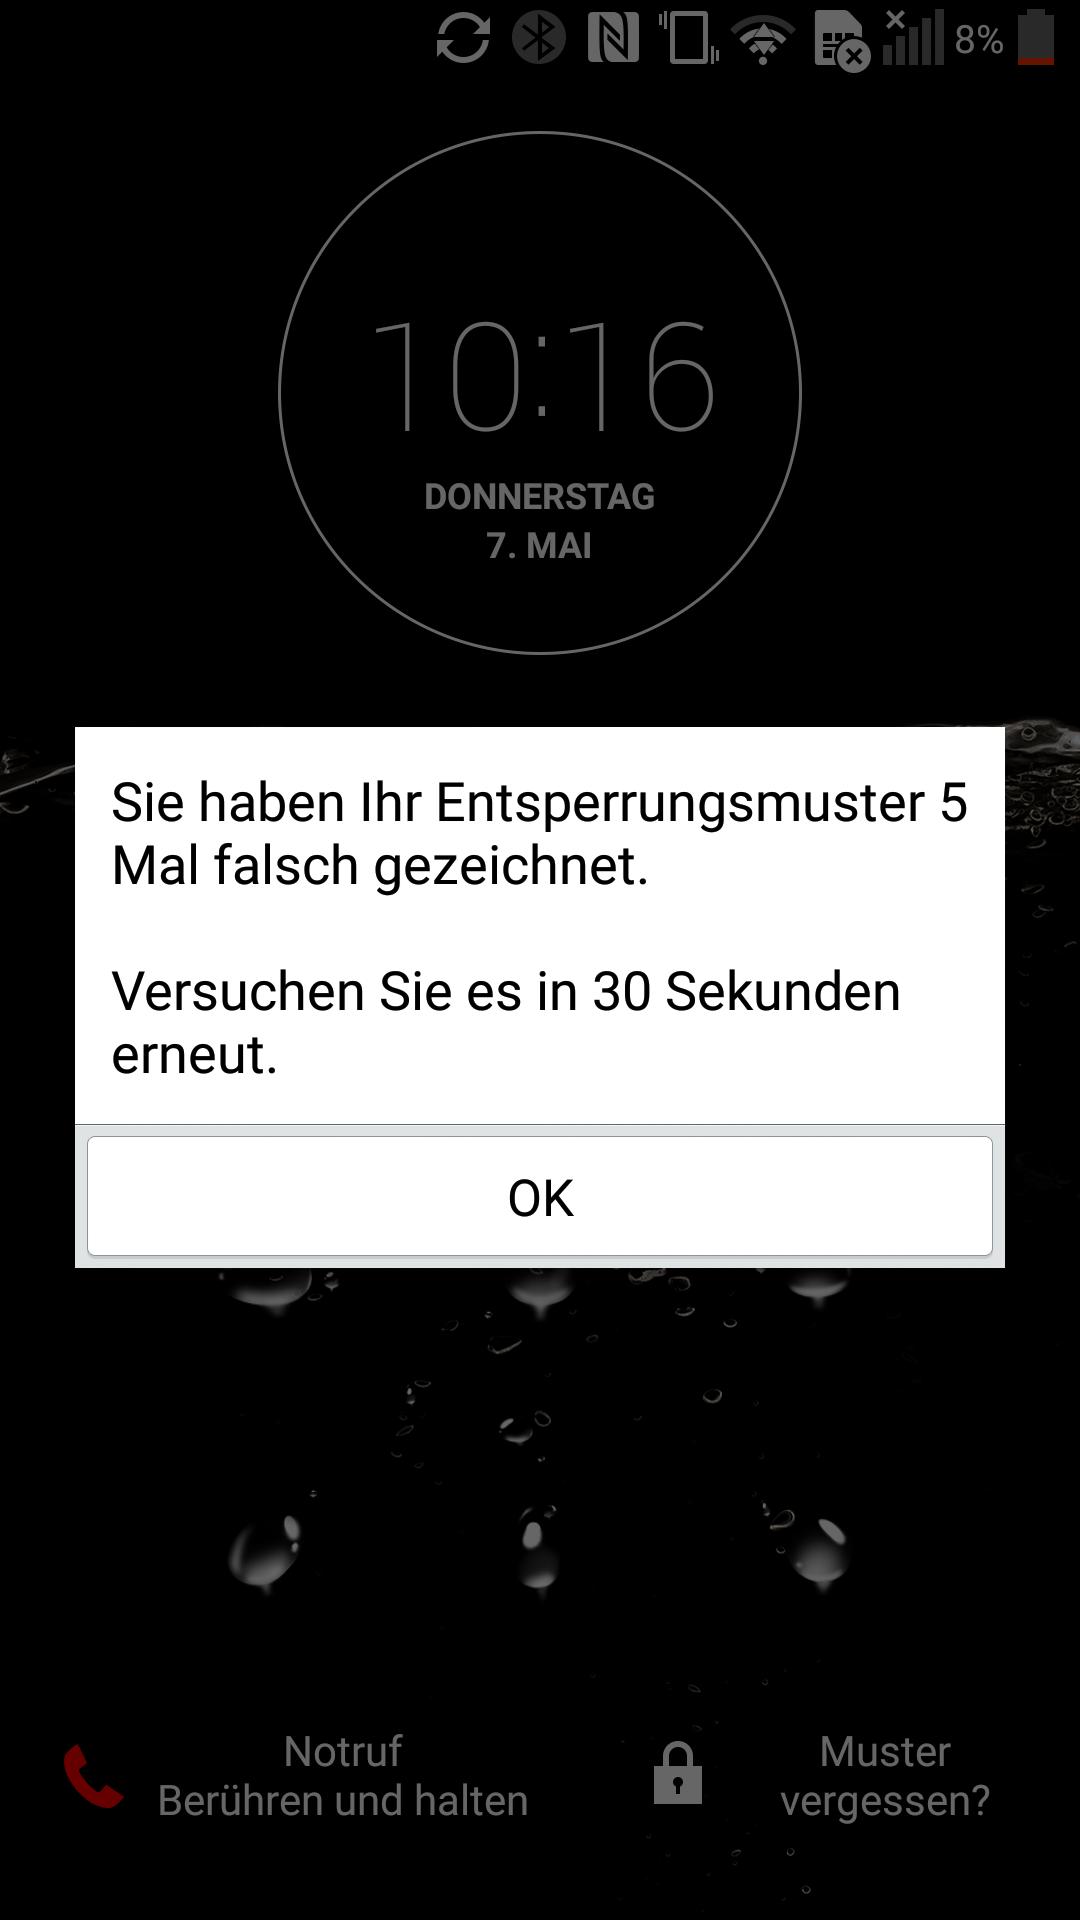 Die Handy-PIN zu vergessen, ist kein Weltuntergang